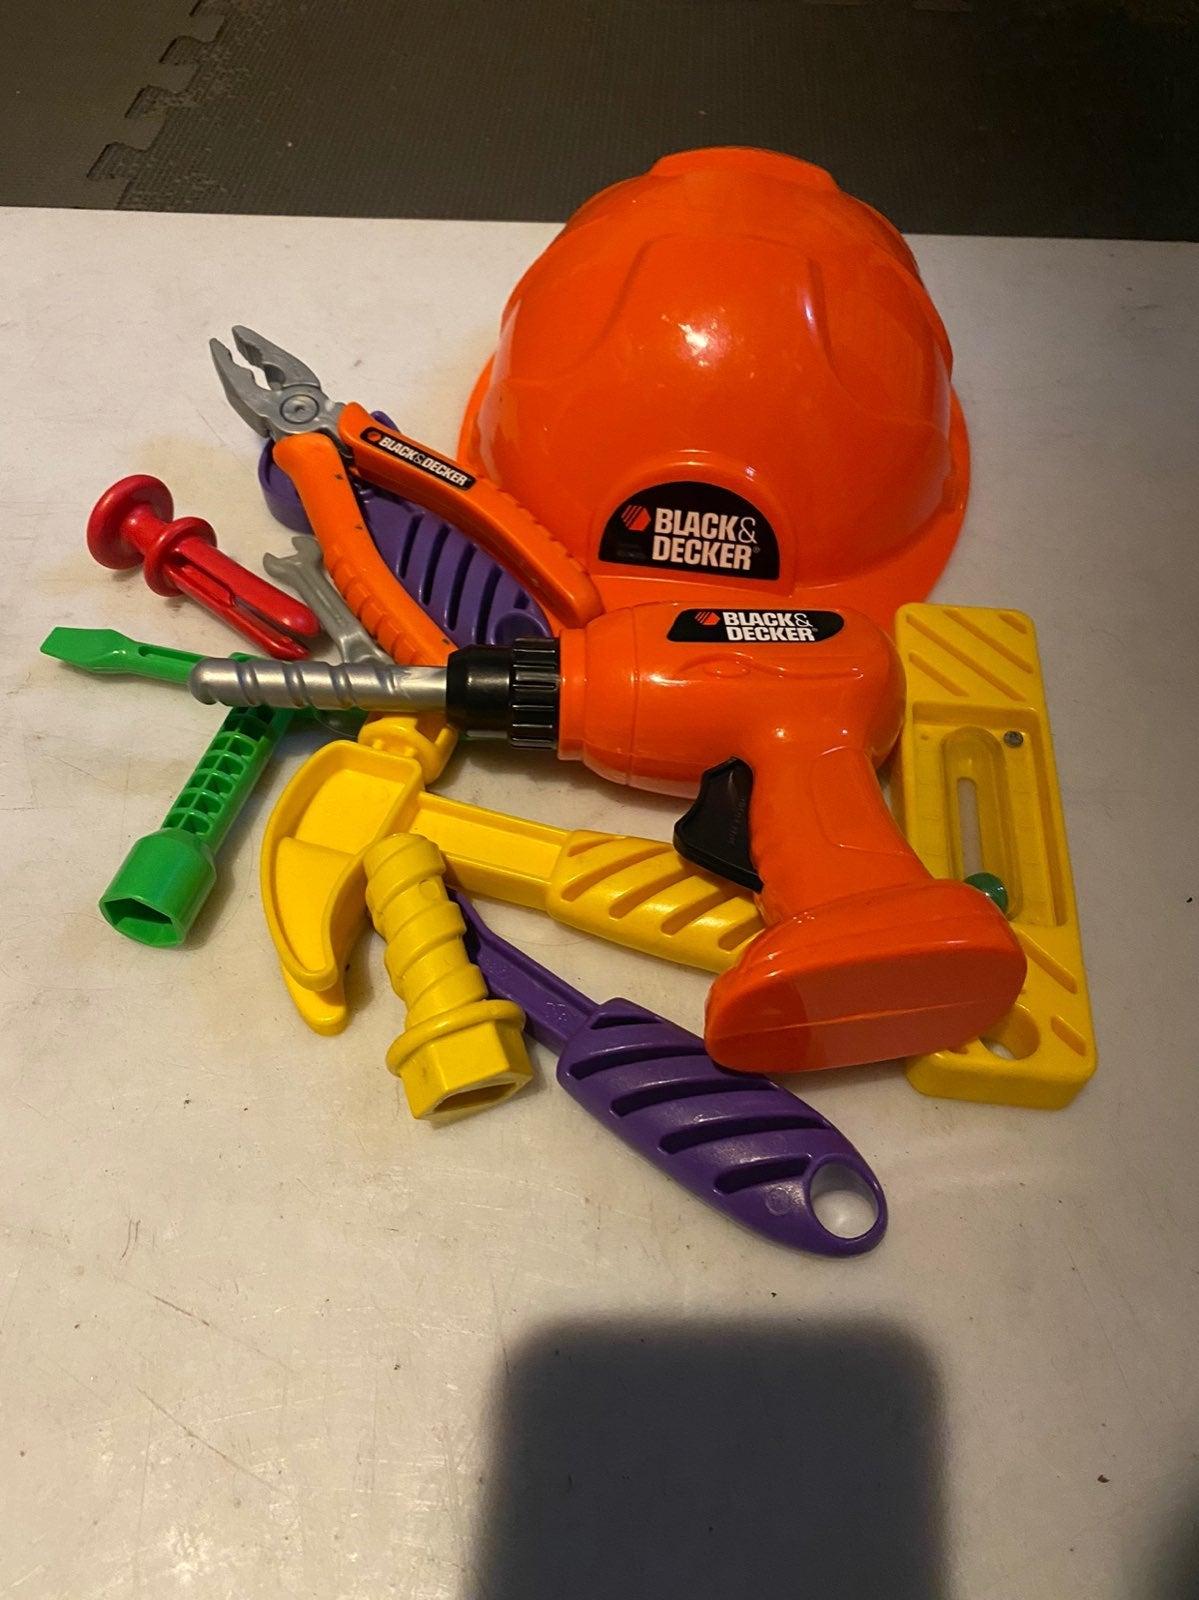 Home depot tools